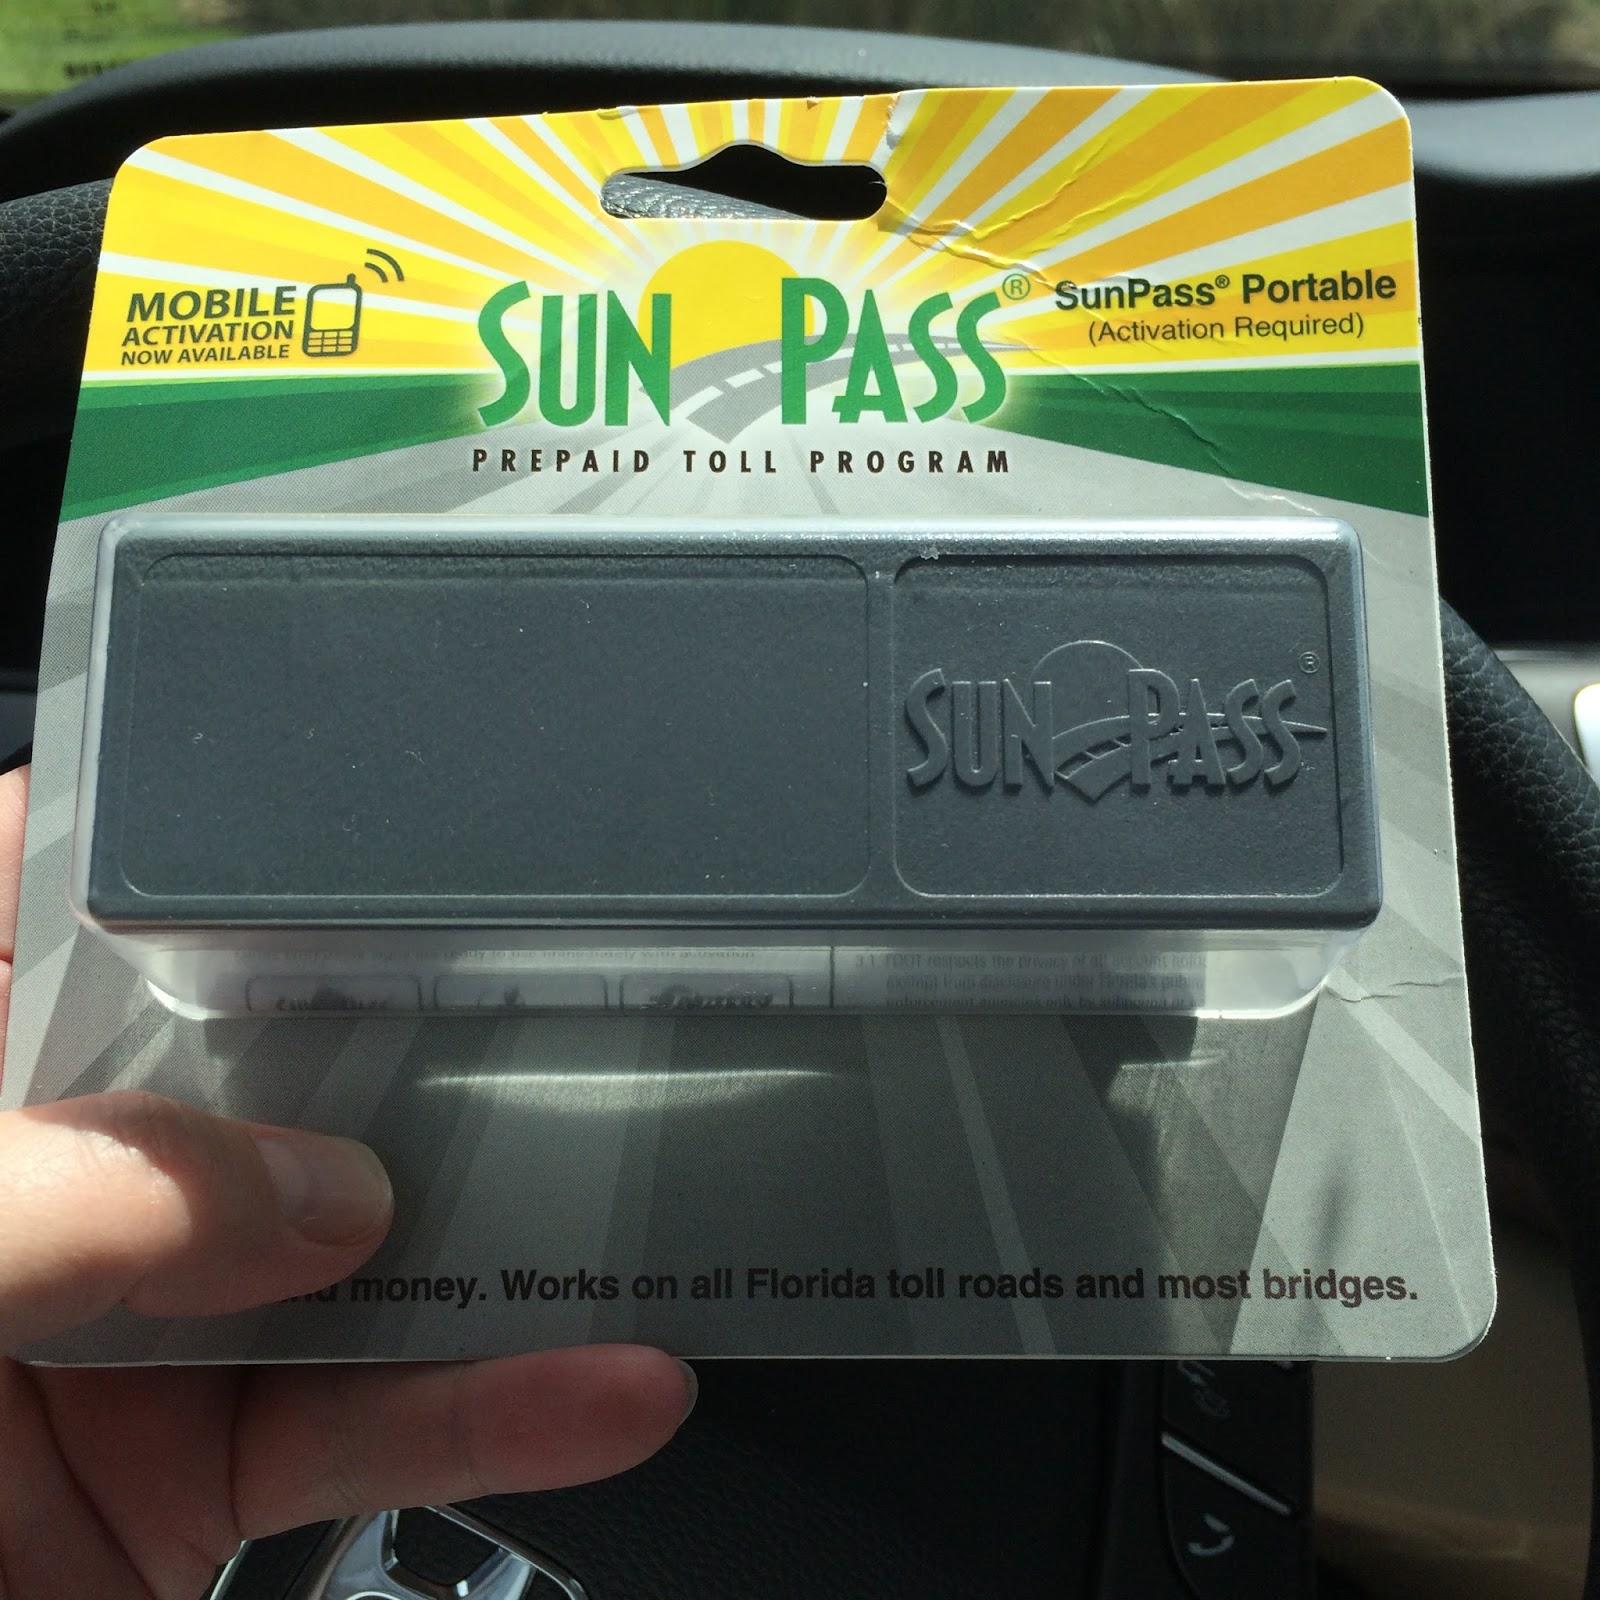 Activate Sunpass